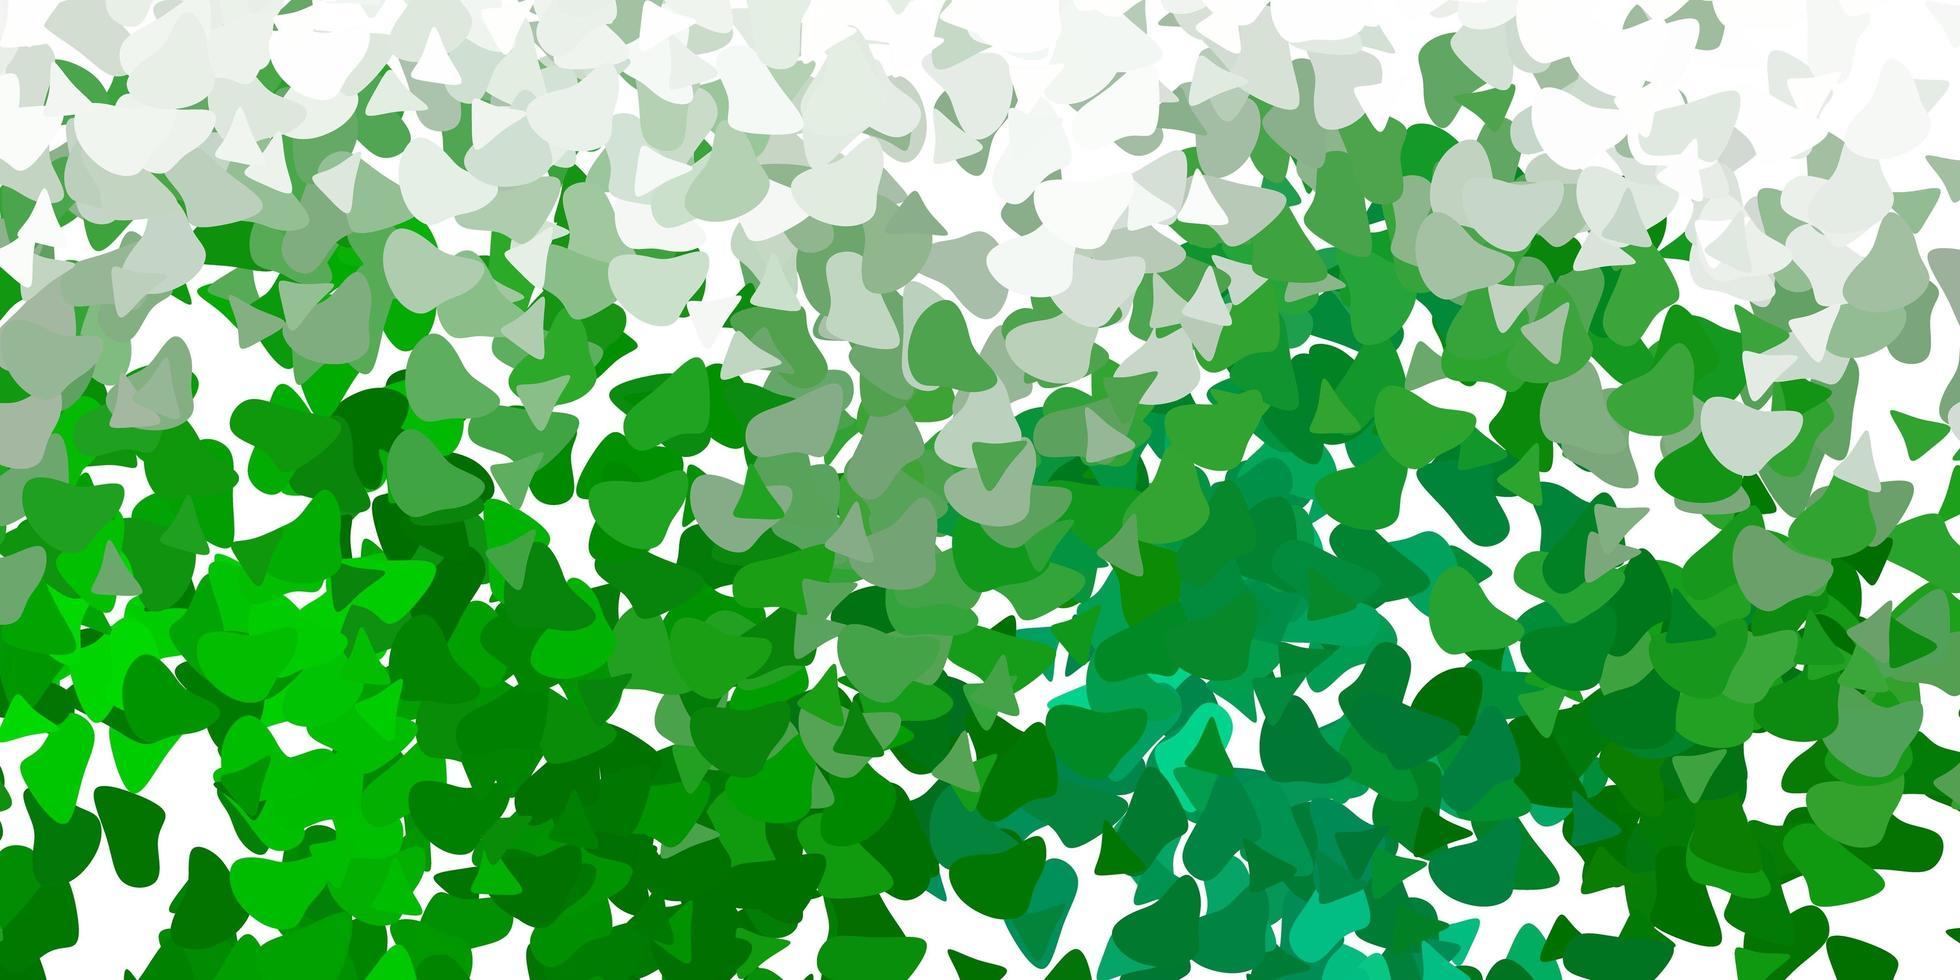 pano de fundo de vetor verde claro com formas caóticas